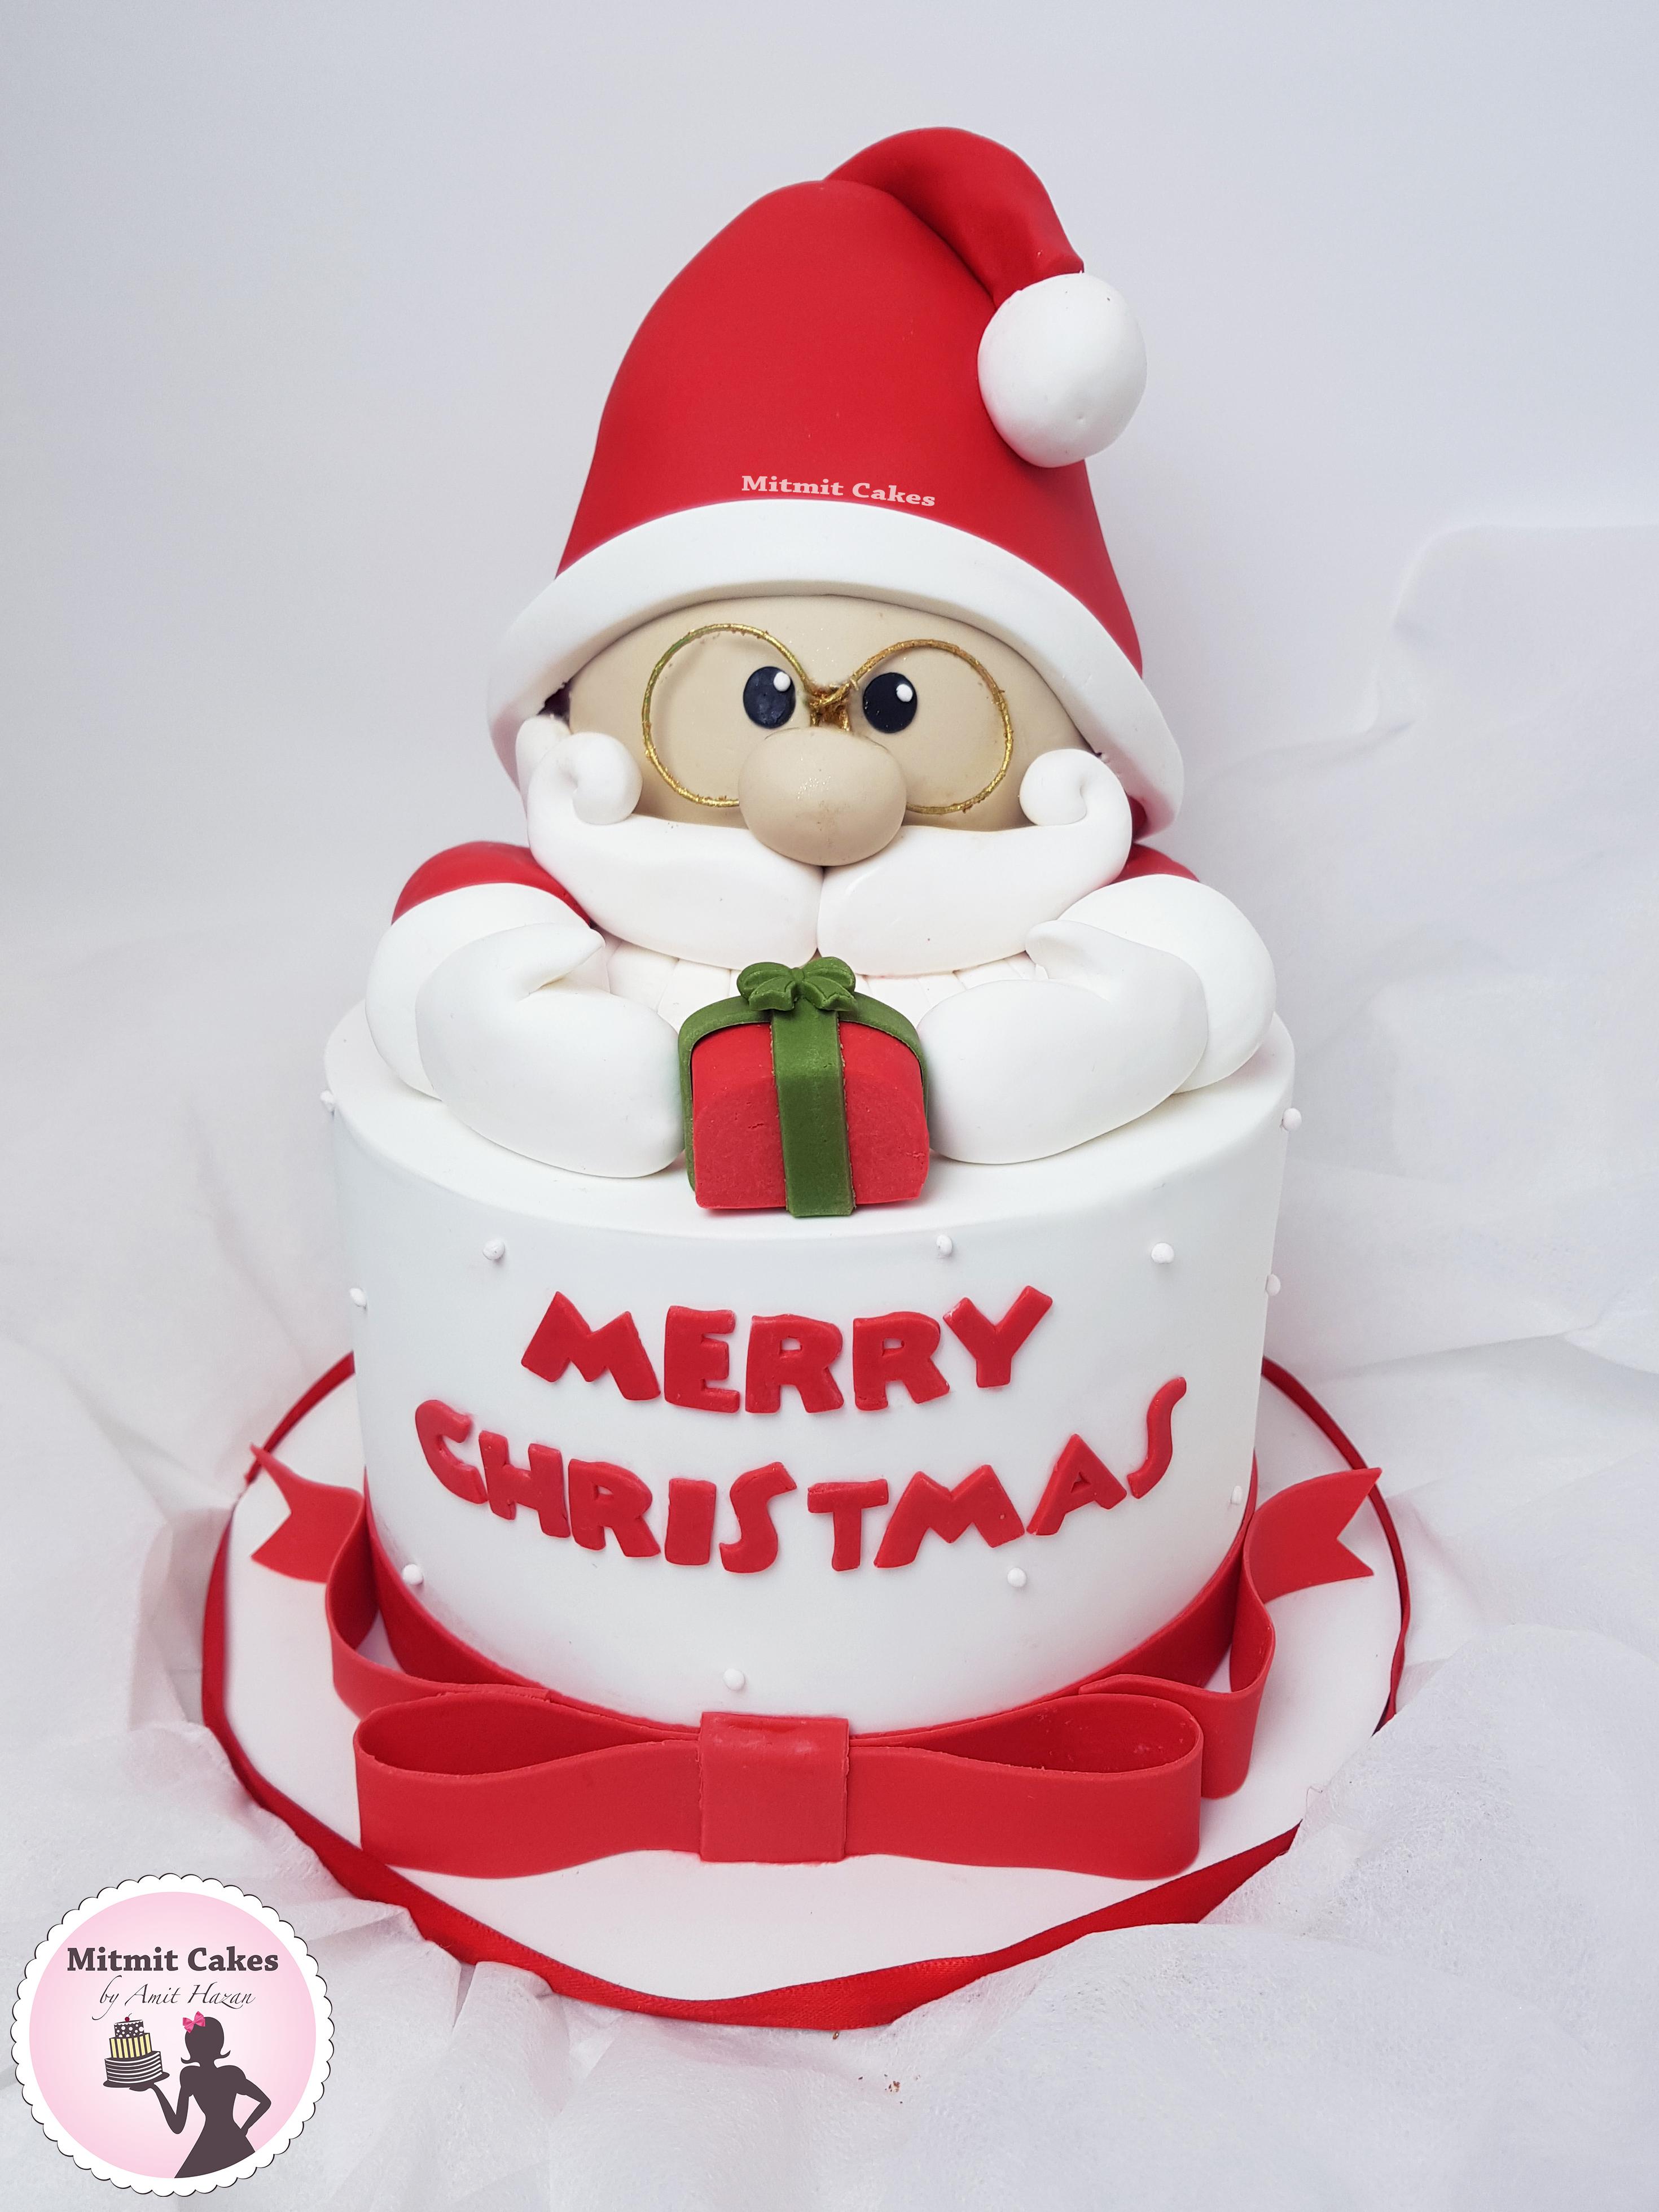 עוגה מרי קריסמס